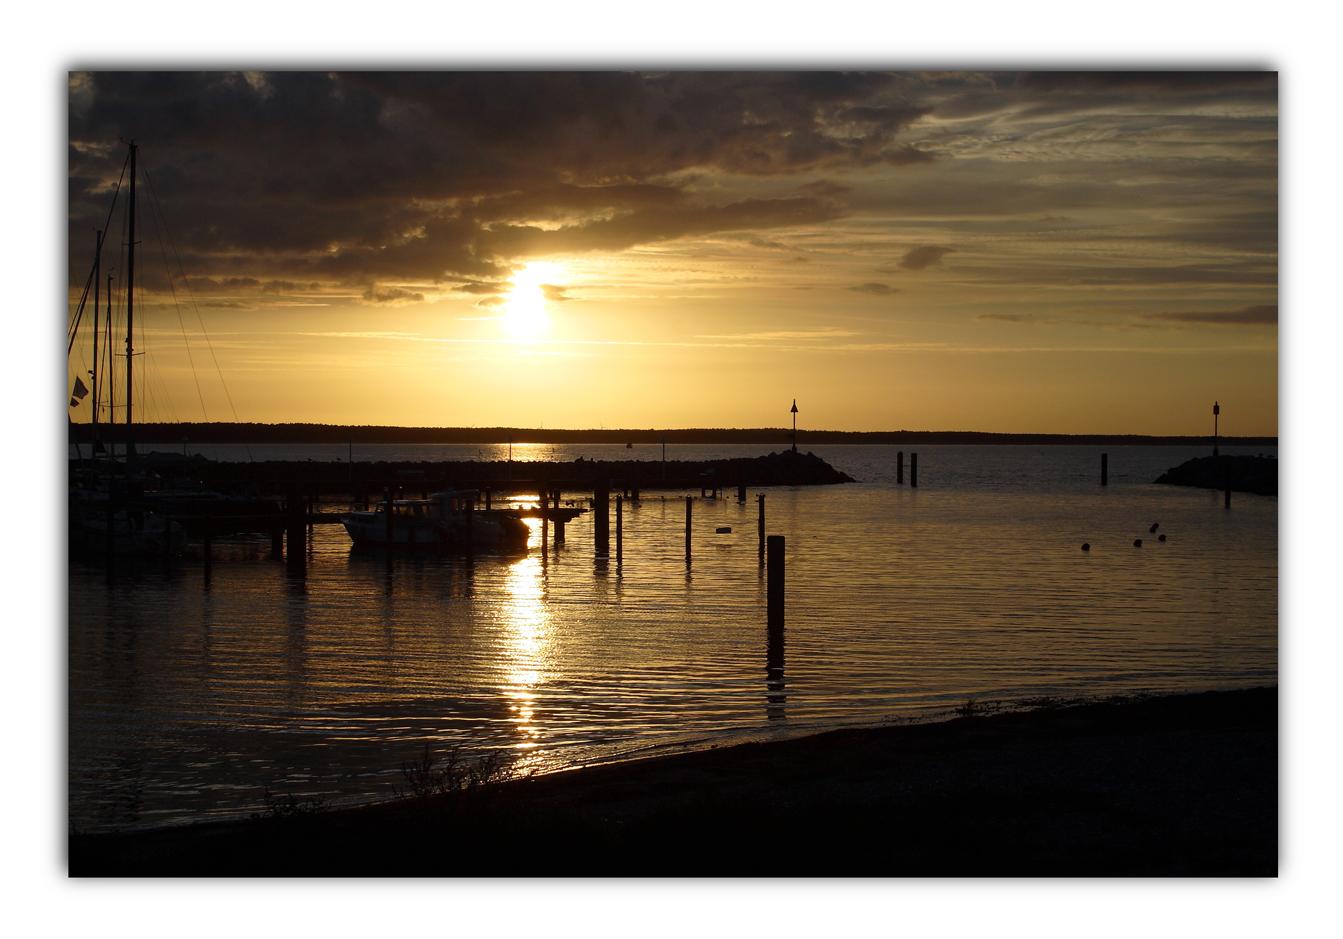 Sonnenuntergang am Tromper Wiek